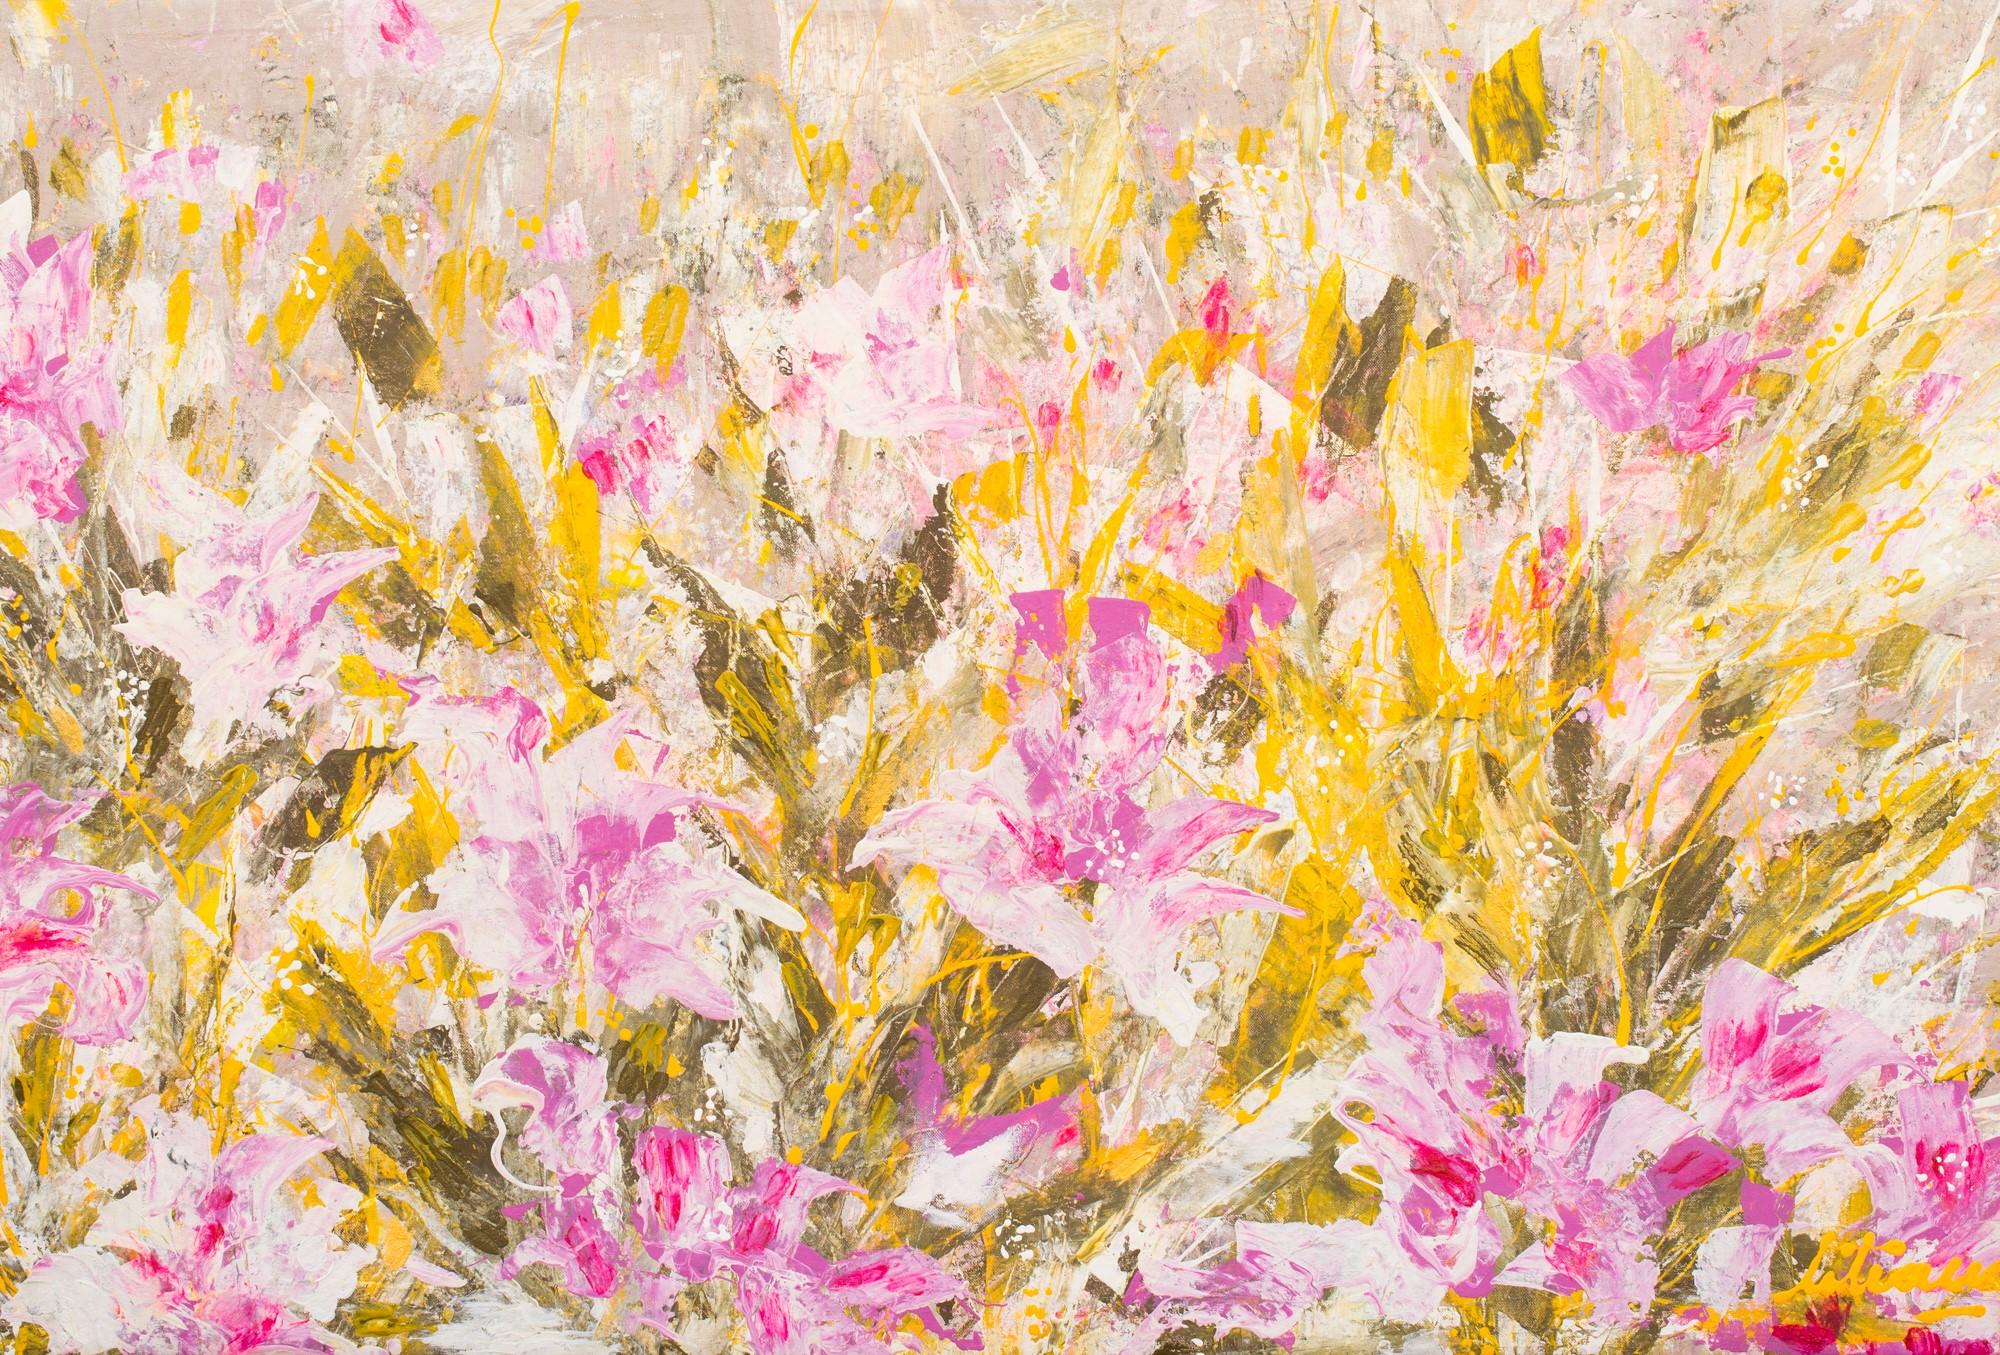 Pink Flowers By Liliana Maya Artcloud